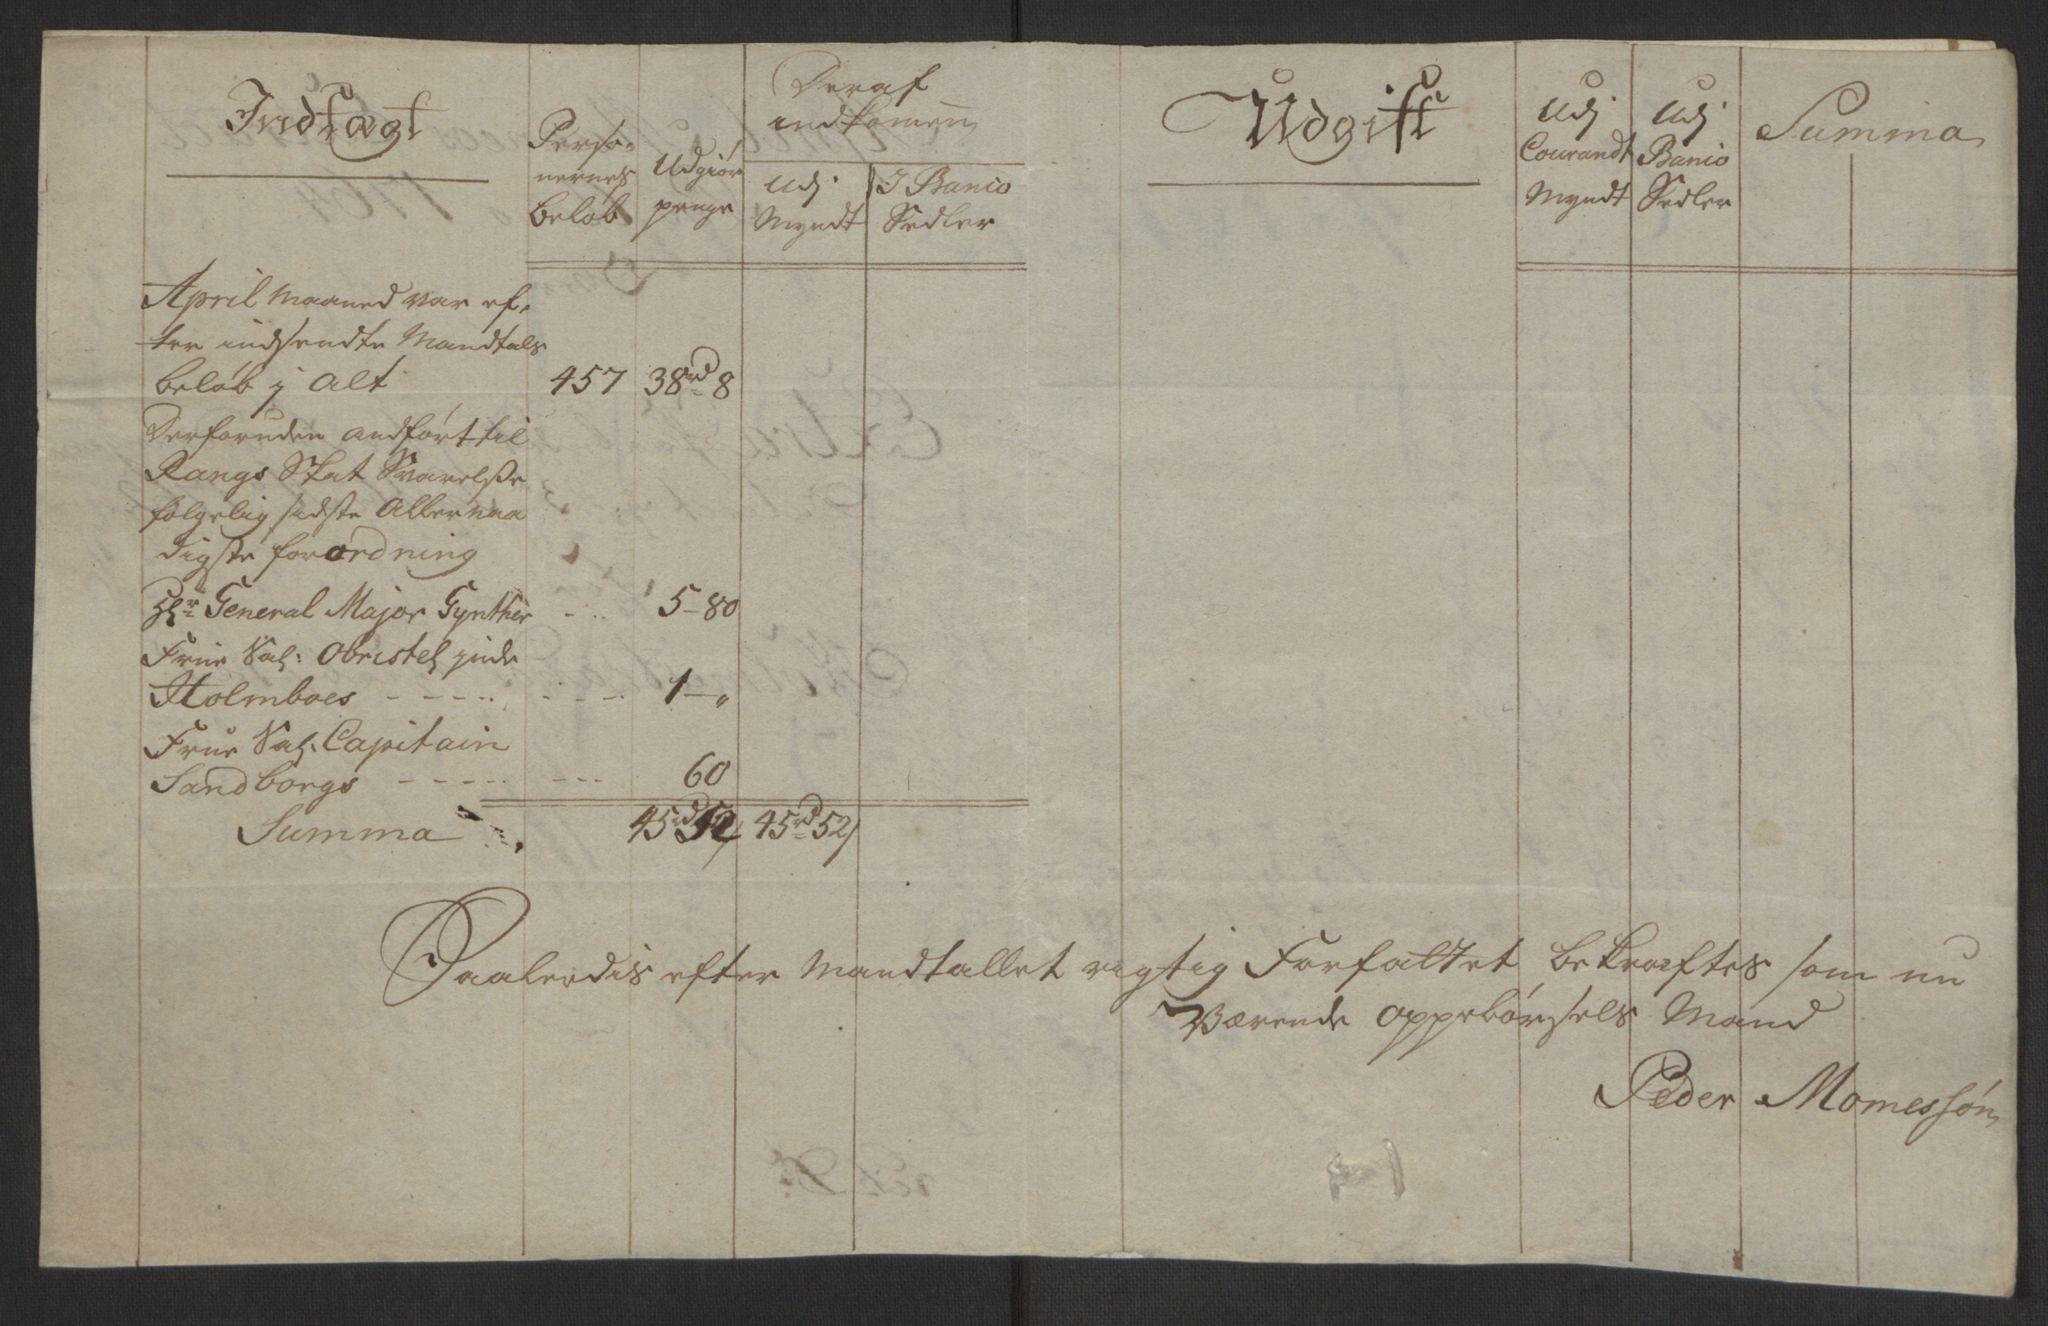 RA, Rentekammeret inntil 1814, Reviderte regnskaper, Byregnskaper, R/Rh/L0163: [H4] Kontribusjonsregnskap, 1762-1772, s. 143